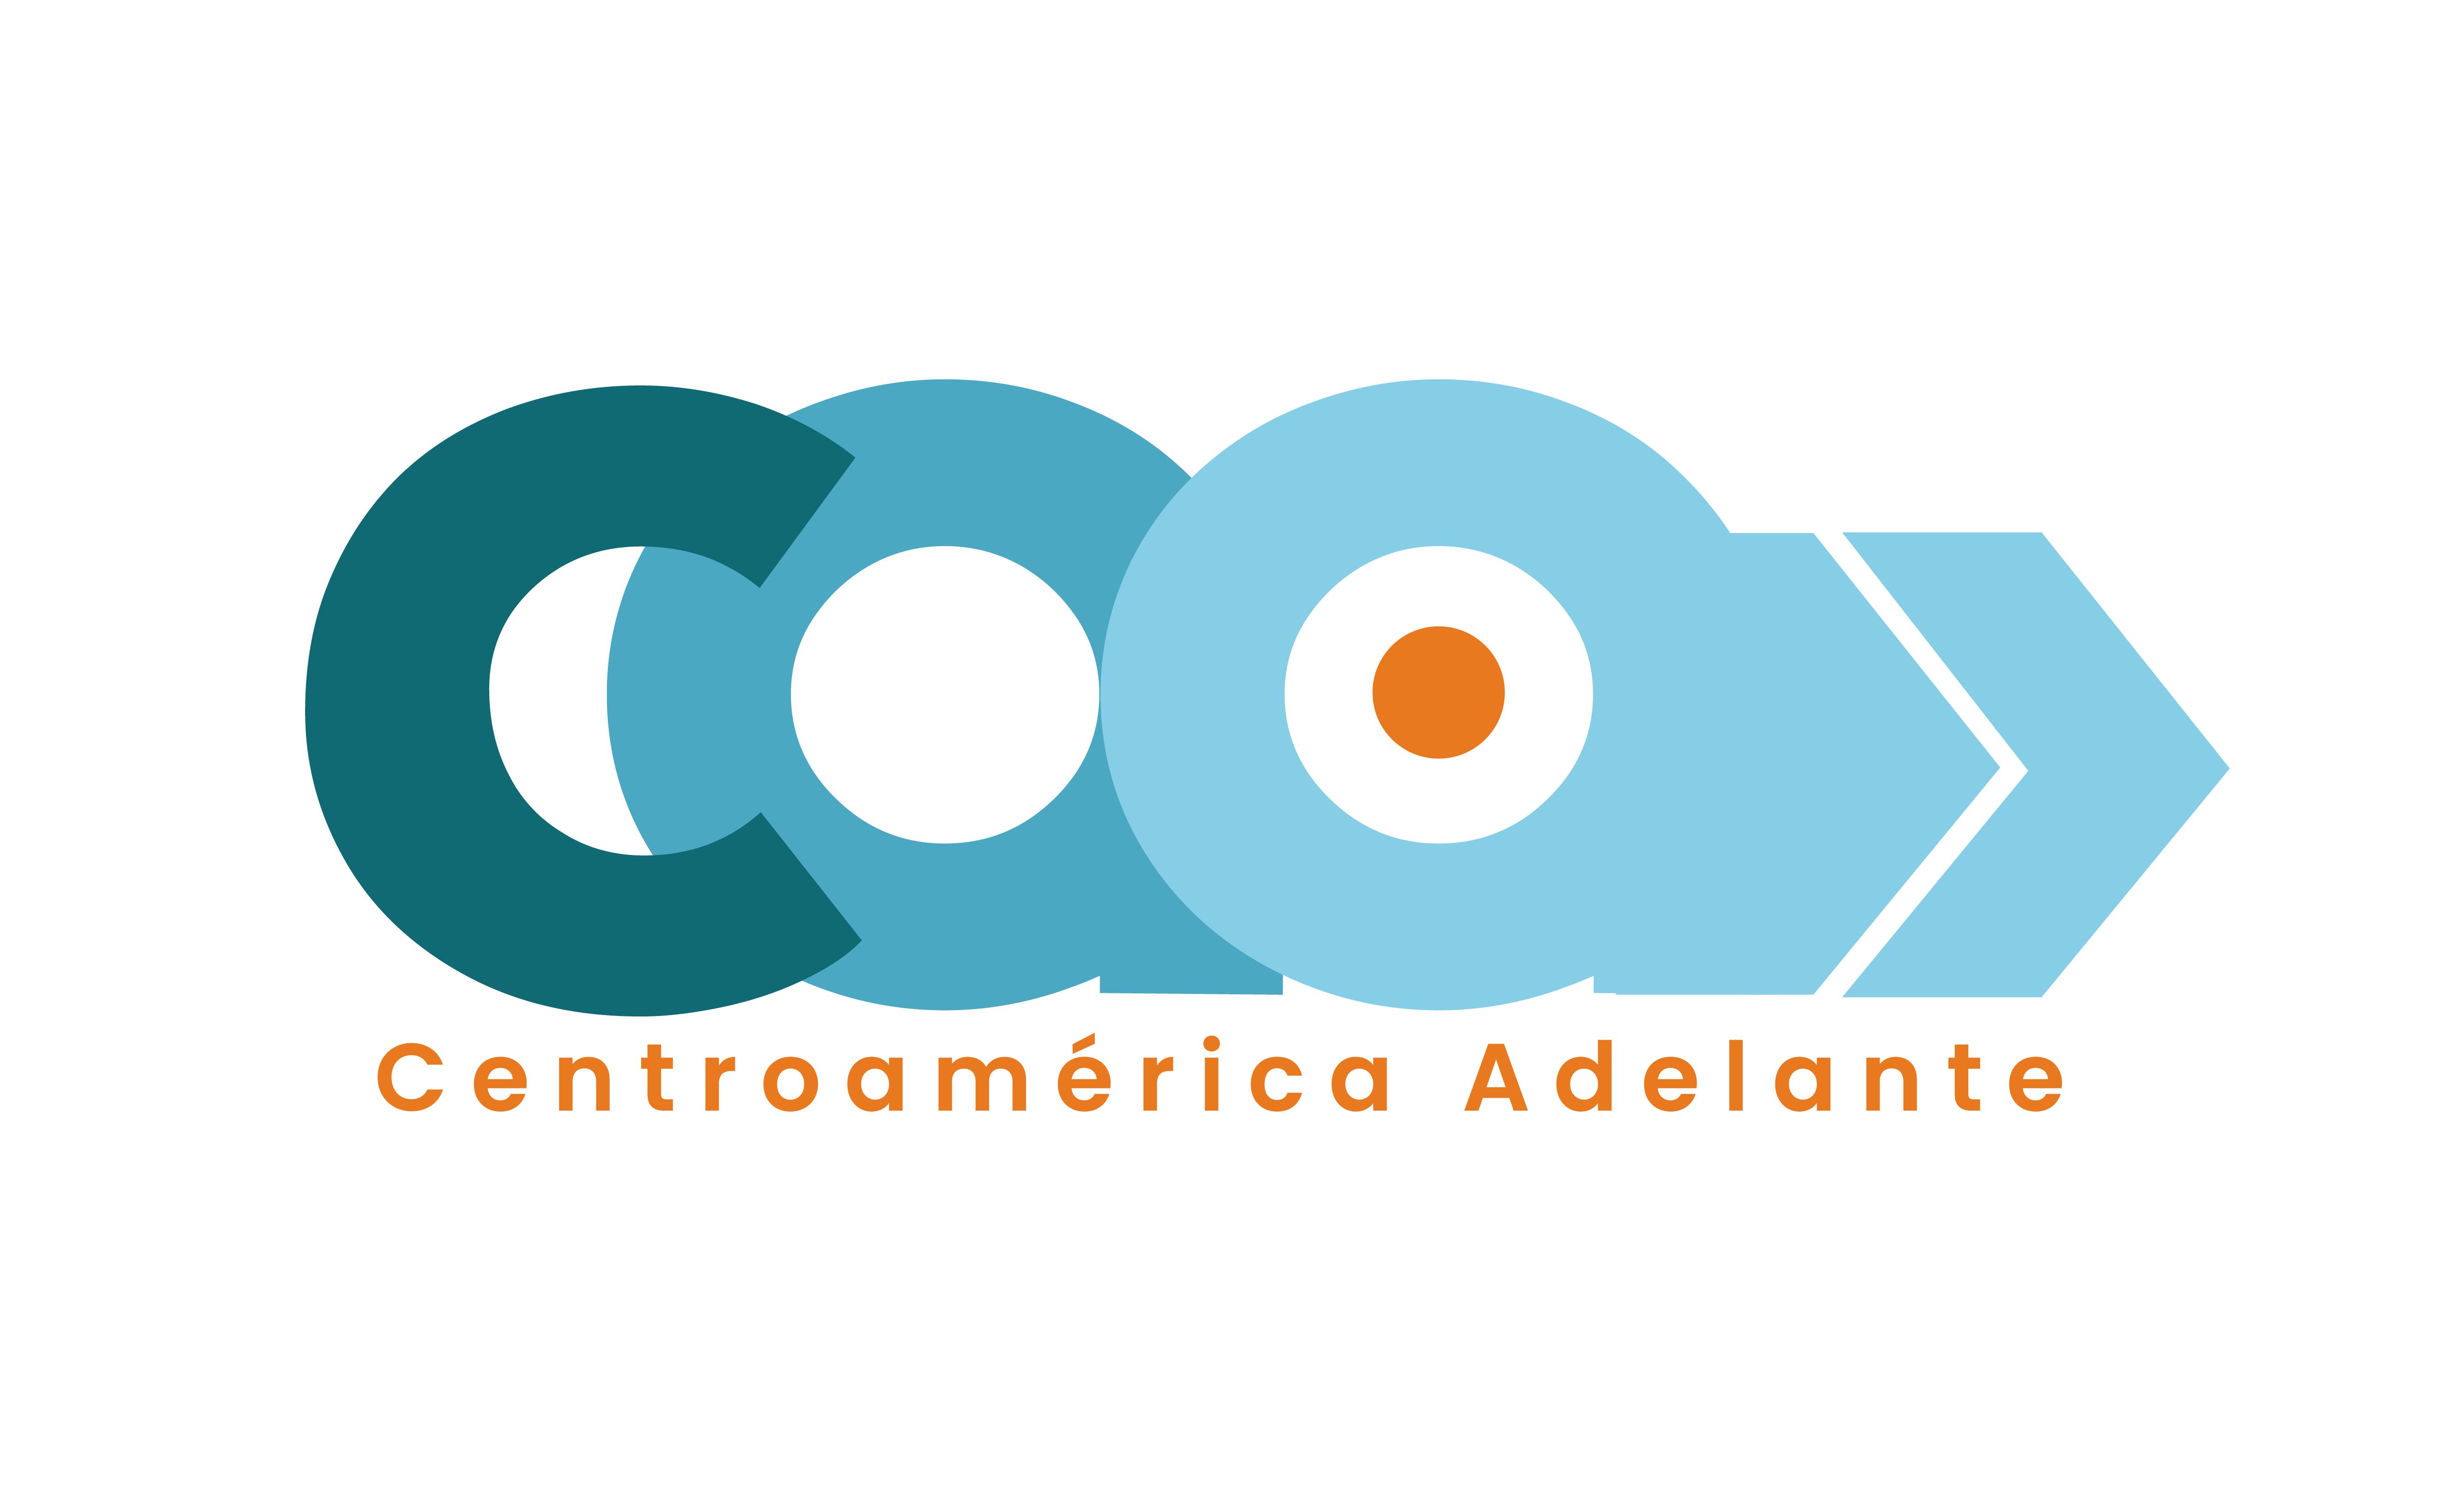 Centroamérica Adelante estrena logo